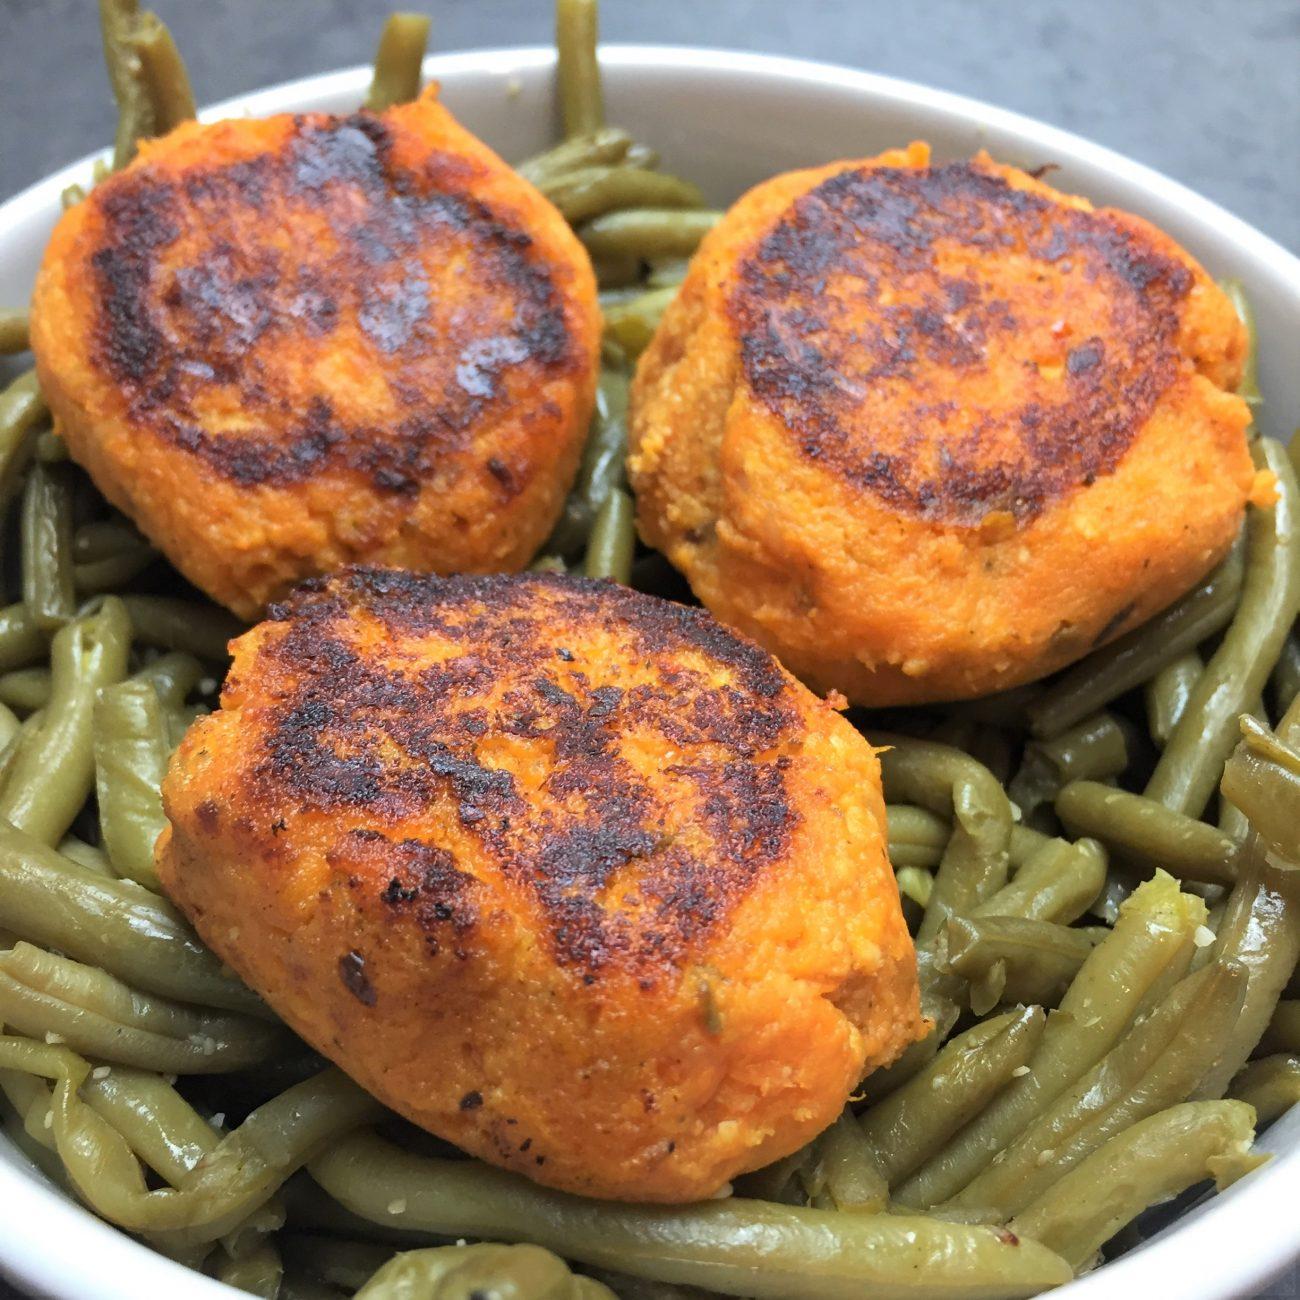 Croquette de patate douce